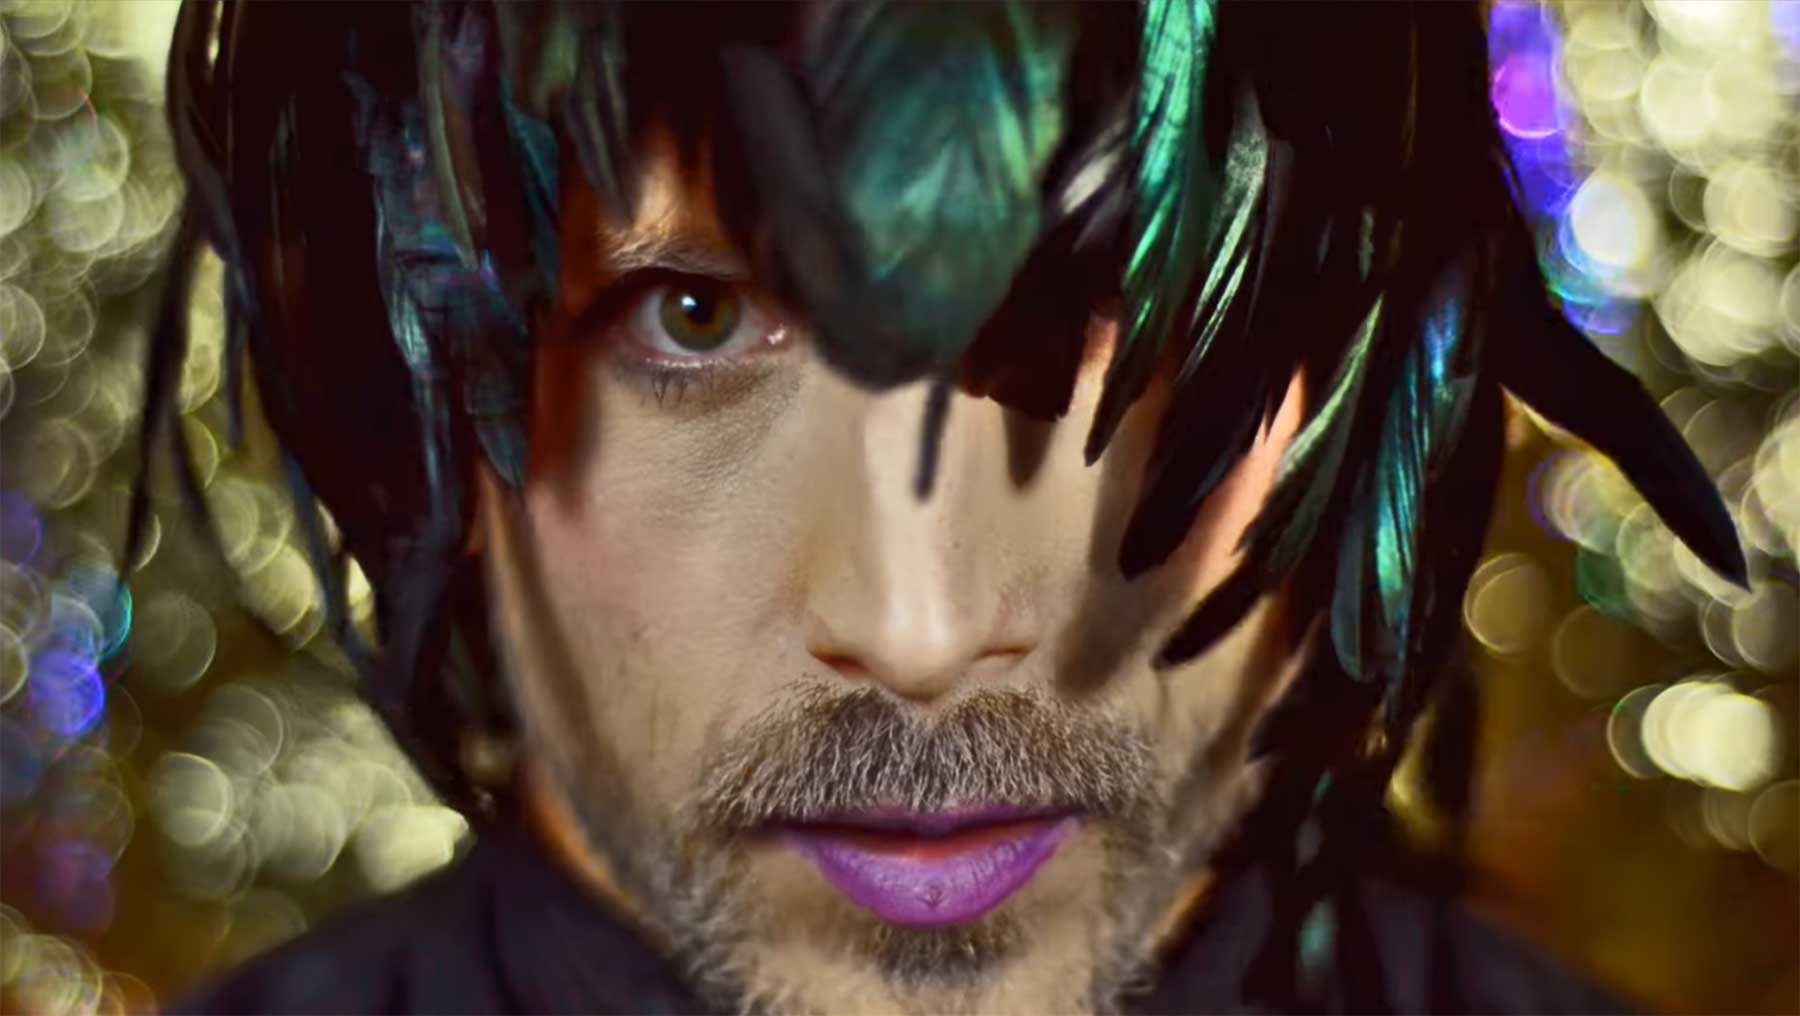 Exklusive Musikvideopremiere: DOTA - Bunt und hell DOTA-Bunt-und-Hell-Musikvideo